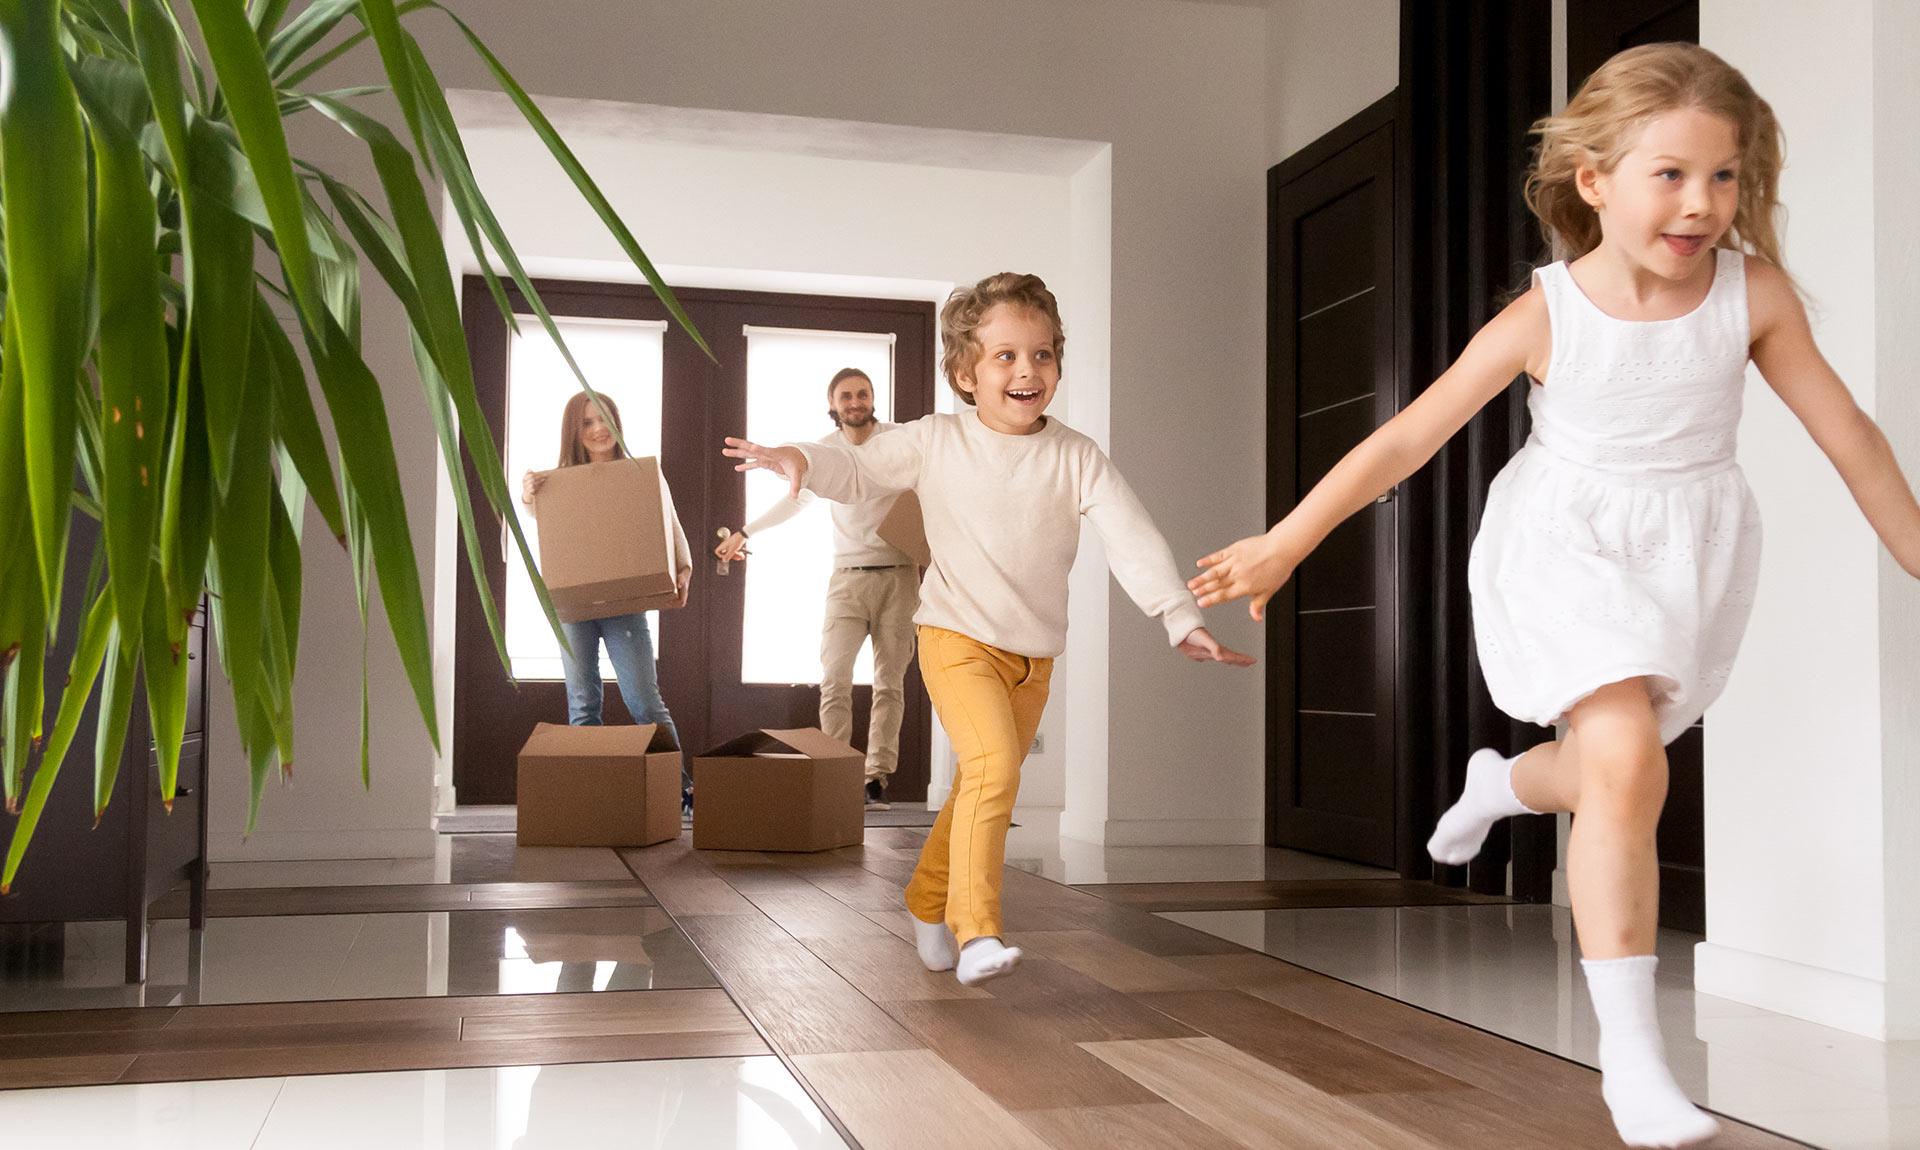 Tavola S.p.A. - I brand della linea cura della casa.